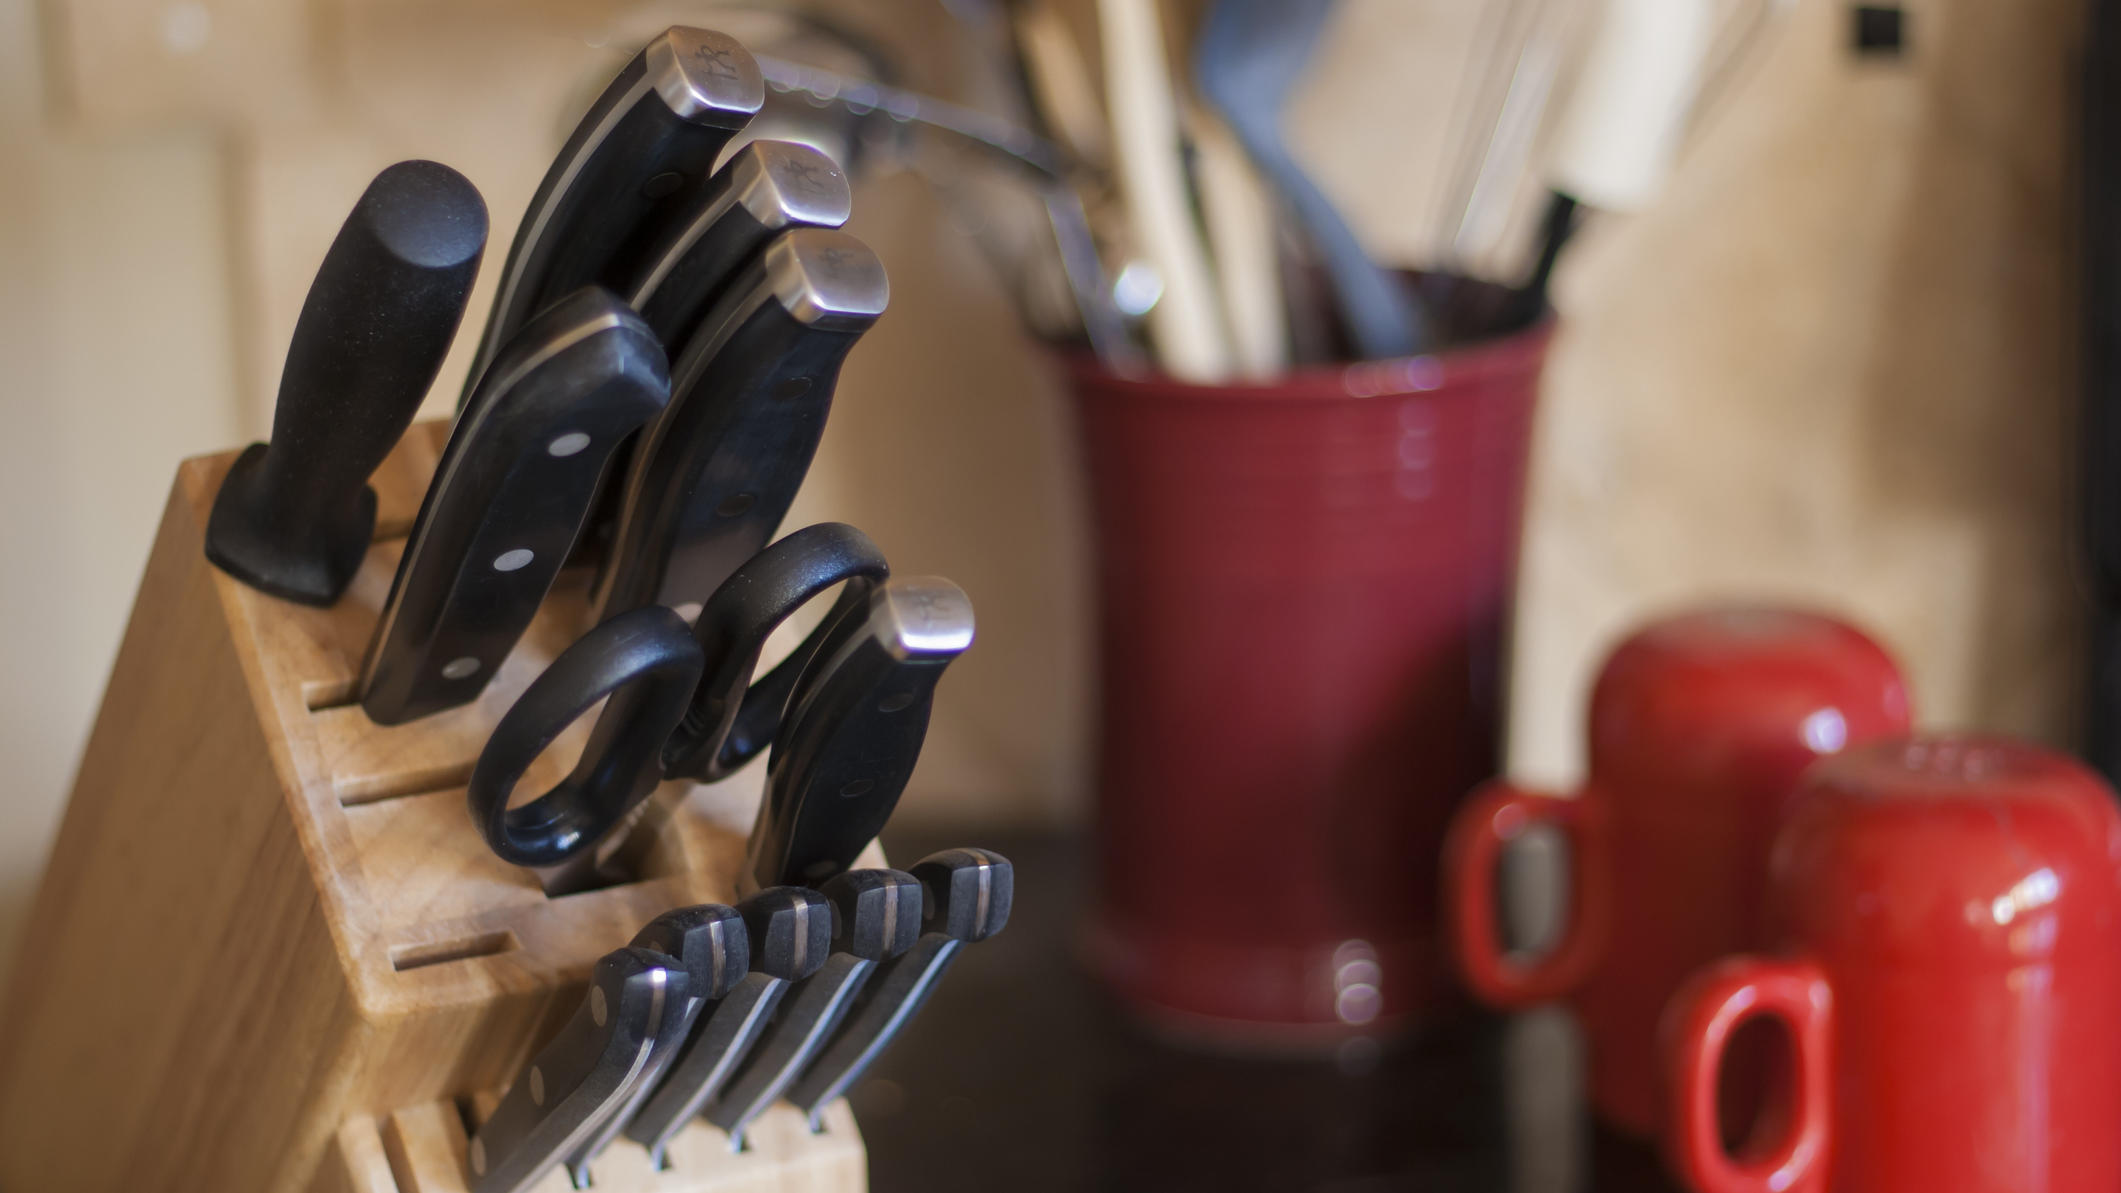 Küchenmesser gibt es in allen möglichen Größen und Formen - wir geben einen Überblick über die wichtigsten Messerarten.